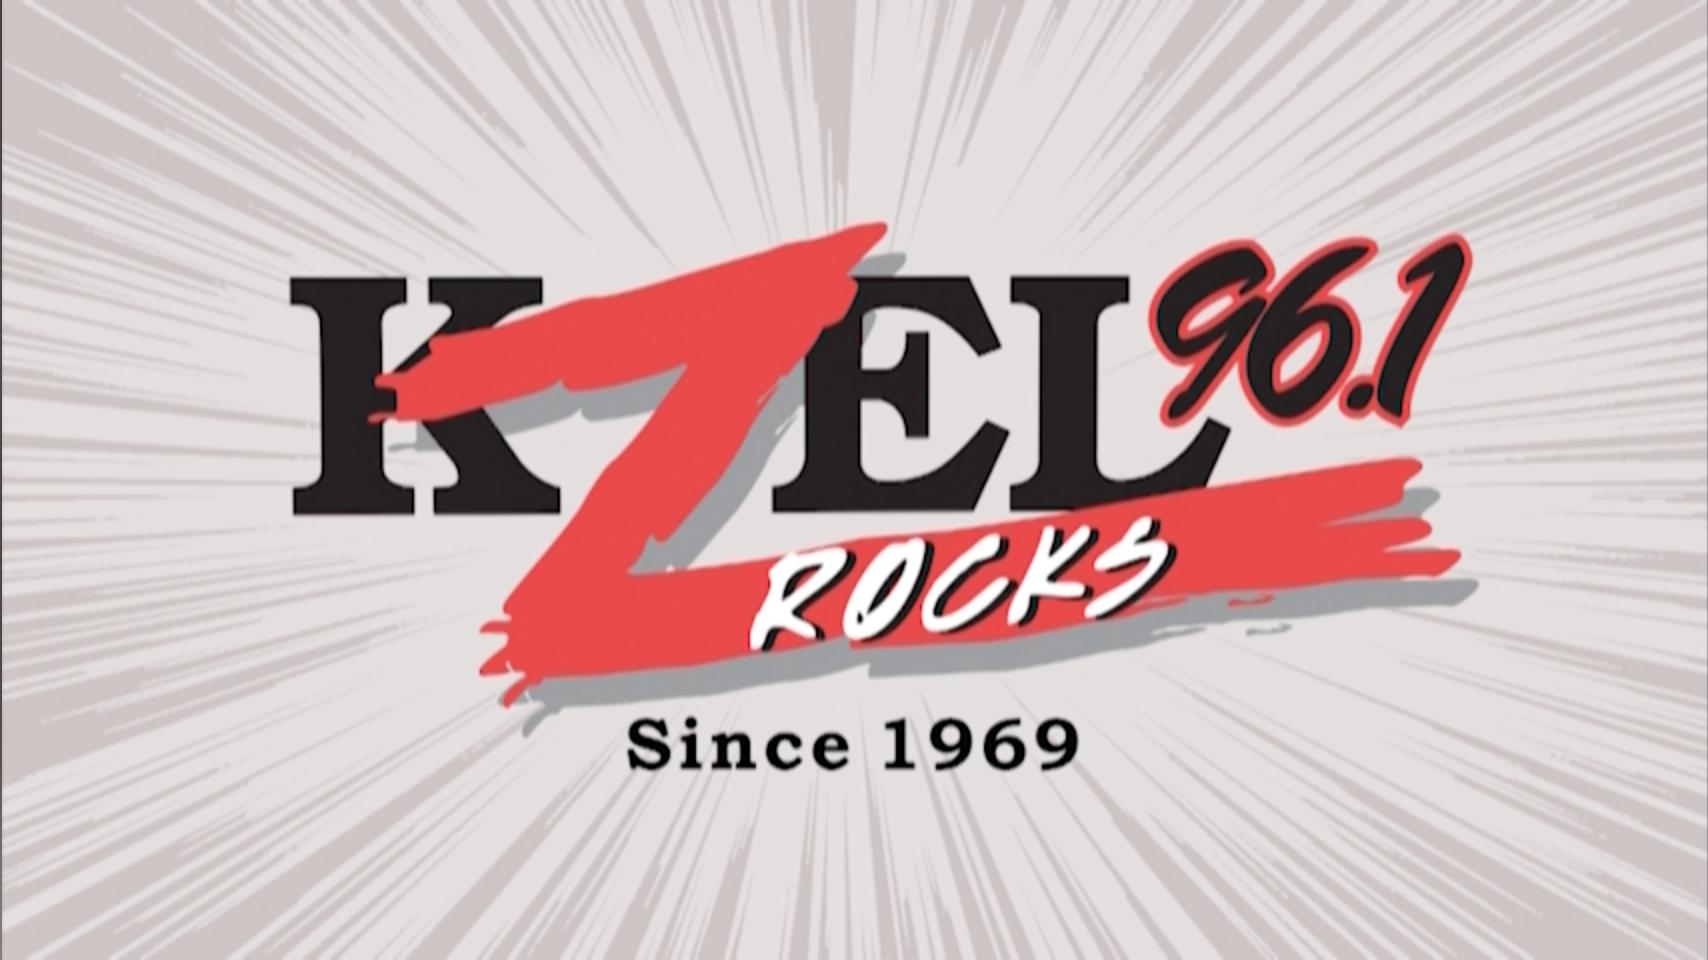 New KZEL TV Spots!